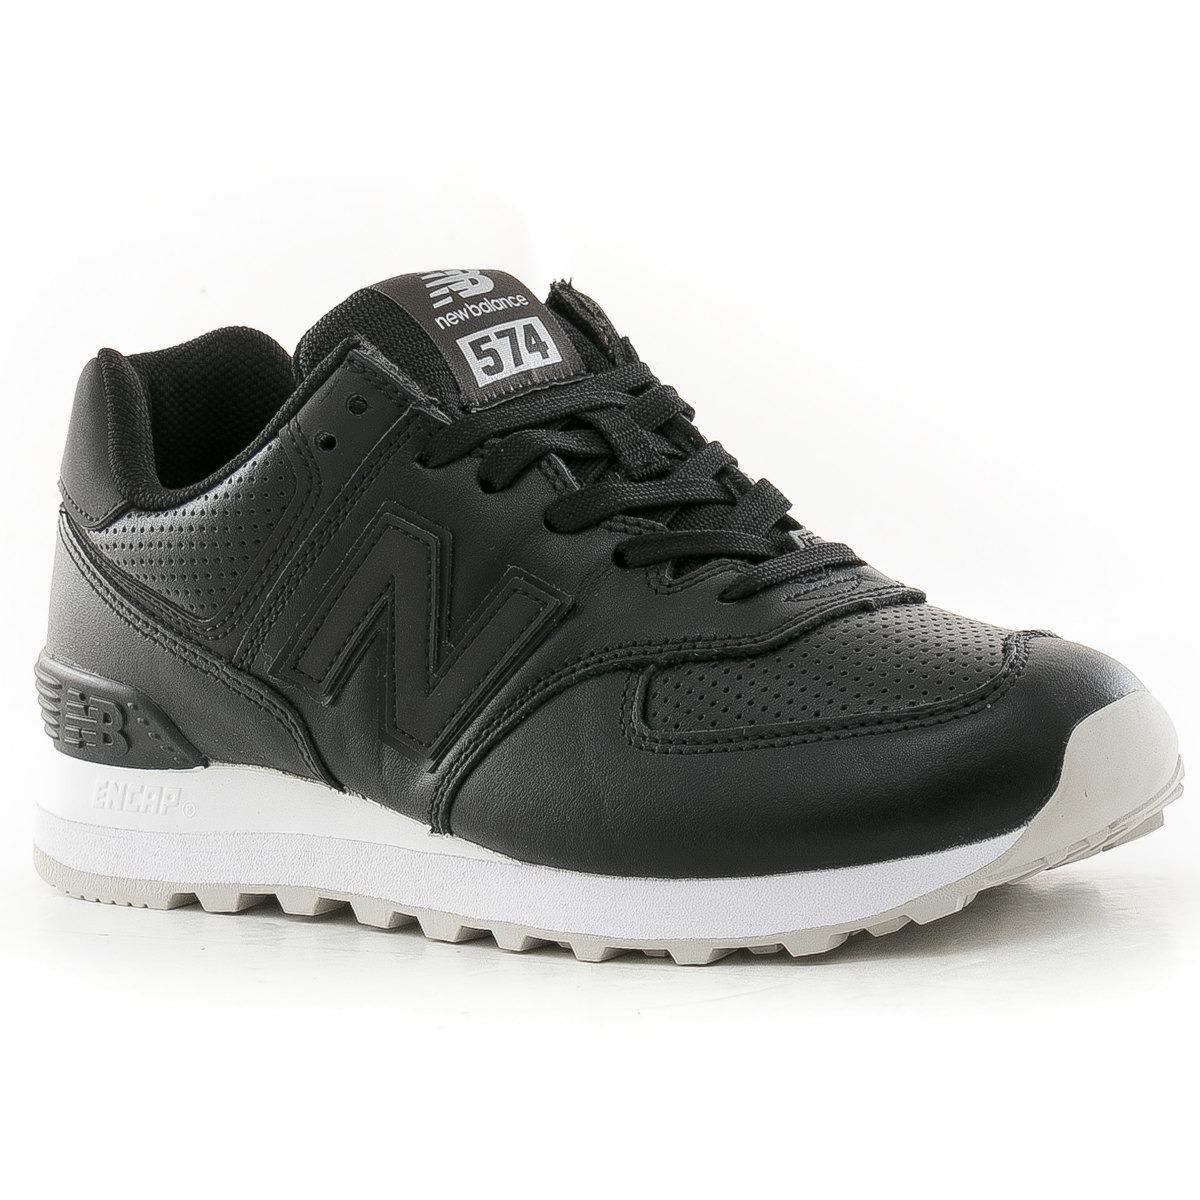 040ccb95d5778 zapatillas ml574 dak new balance blast tienda oficial. Cargando zoom.